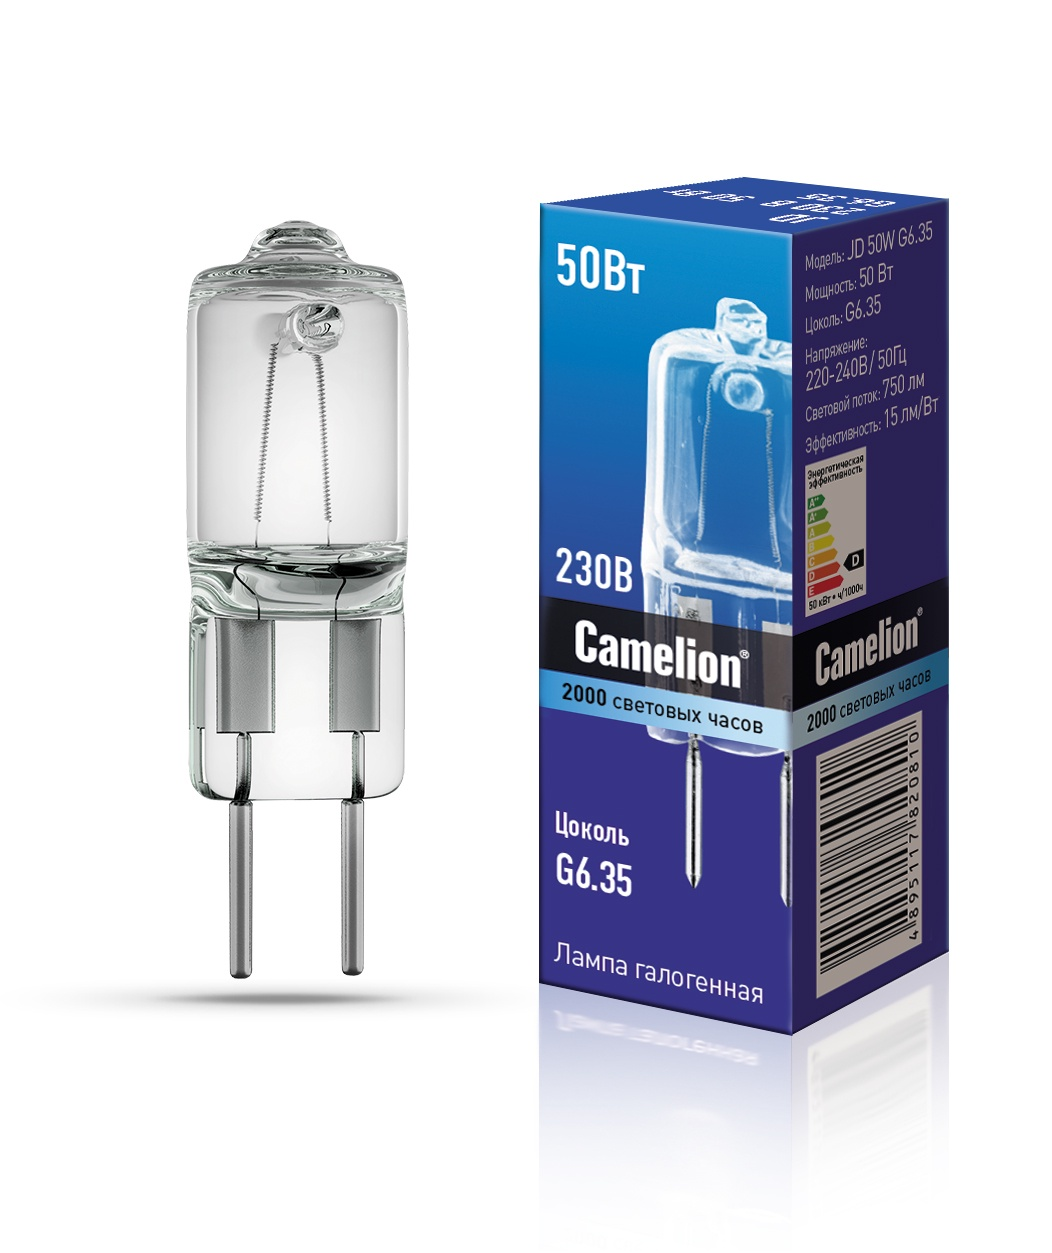 Лампочка Camelion JD 50W g6,35 220V, Теплый свет 50 Вт, Галогенная лампа галогенная капсульная космос jd 220в 35вт g6 35